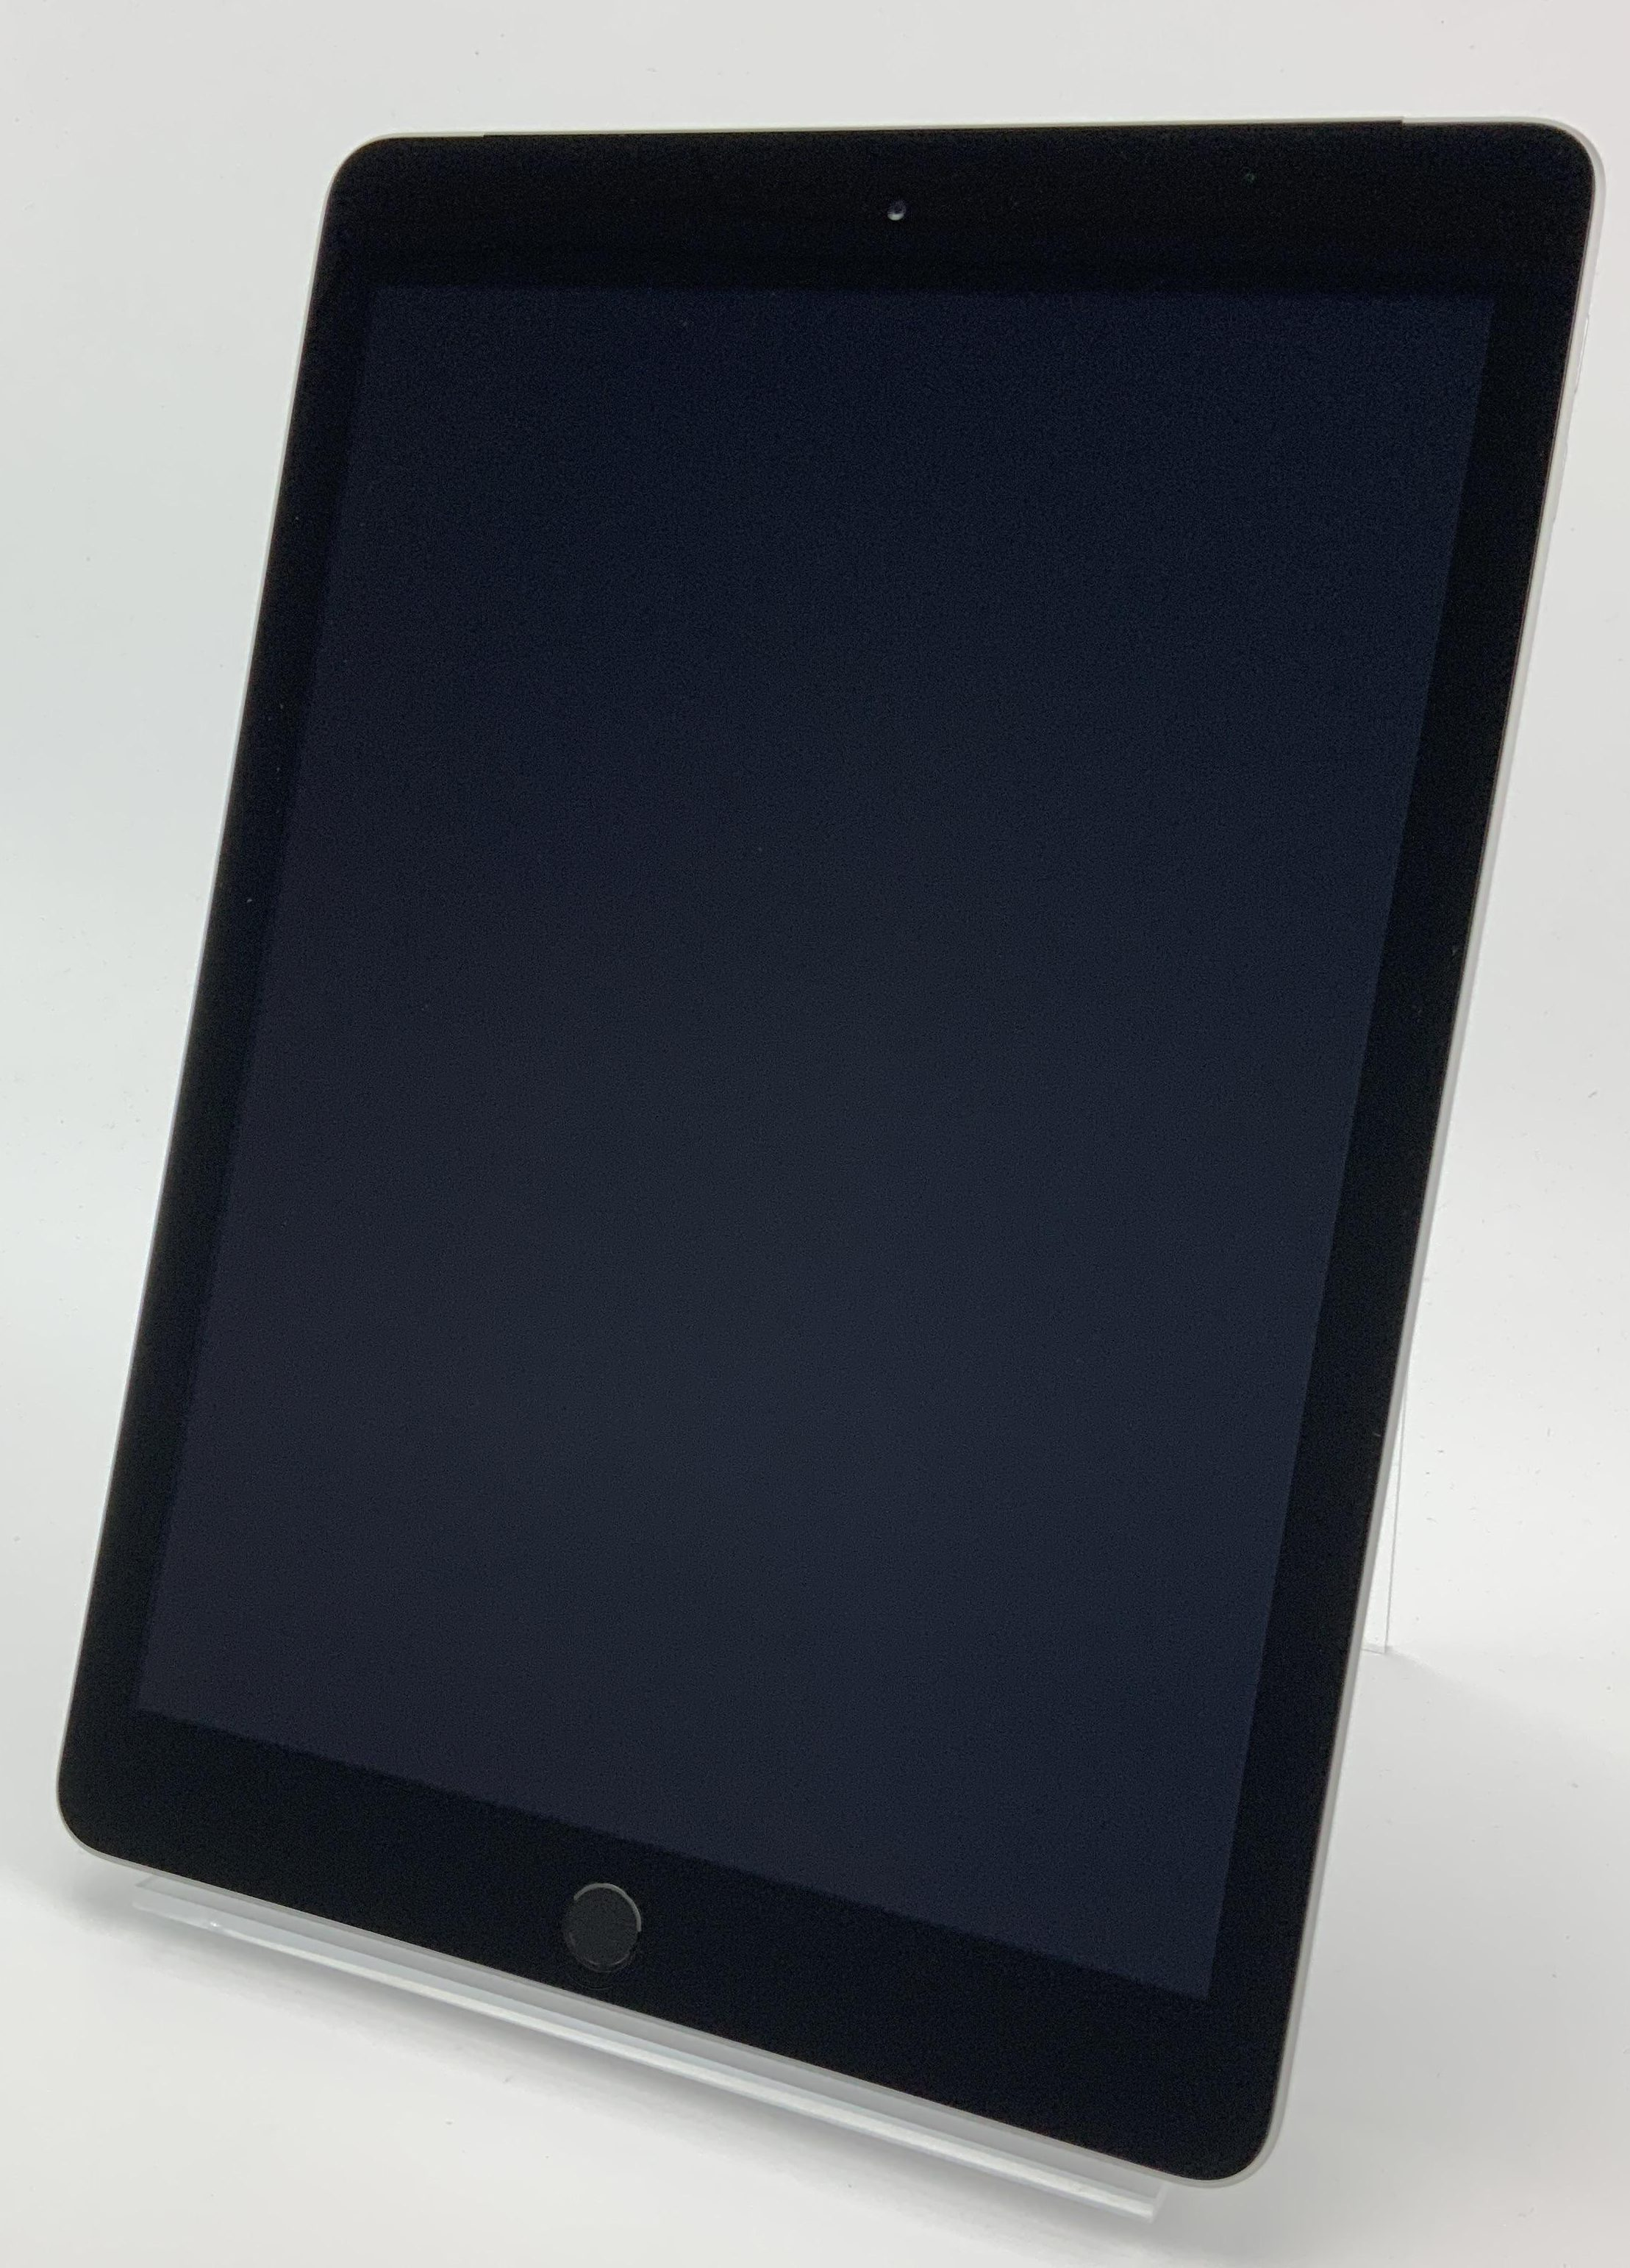 iPad 5 Wi-Fi + Cellular 32GB, 32GB, Space Gray, Afbeelding 3